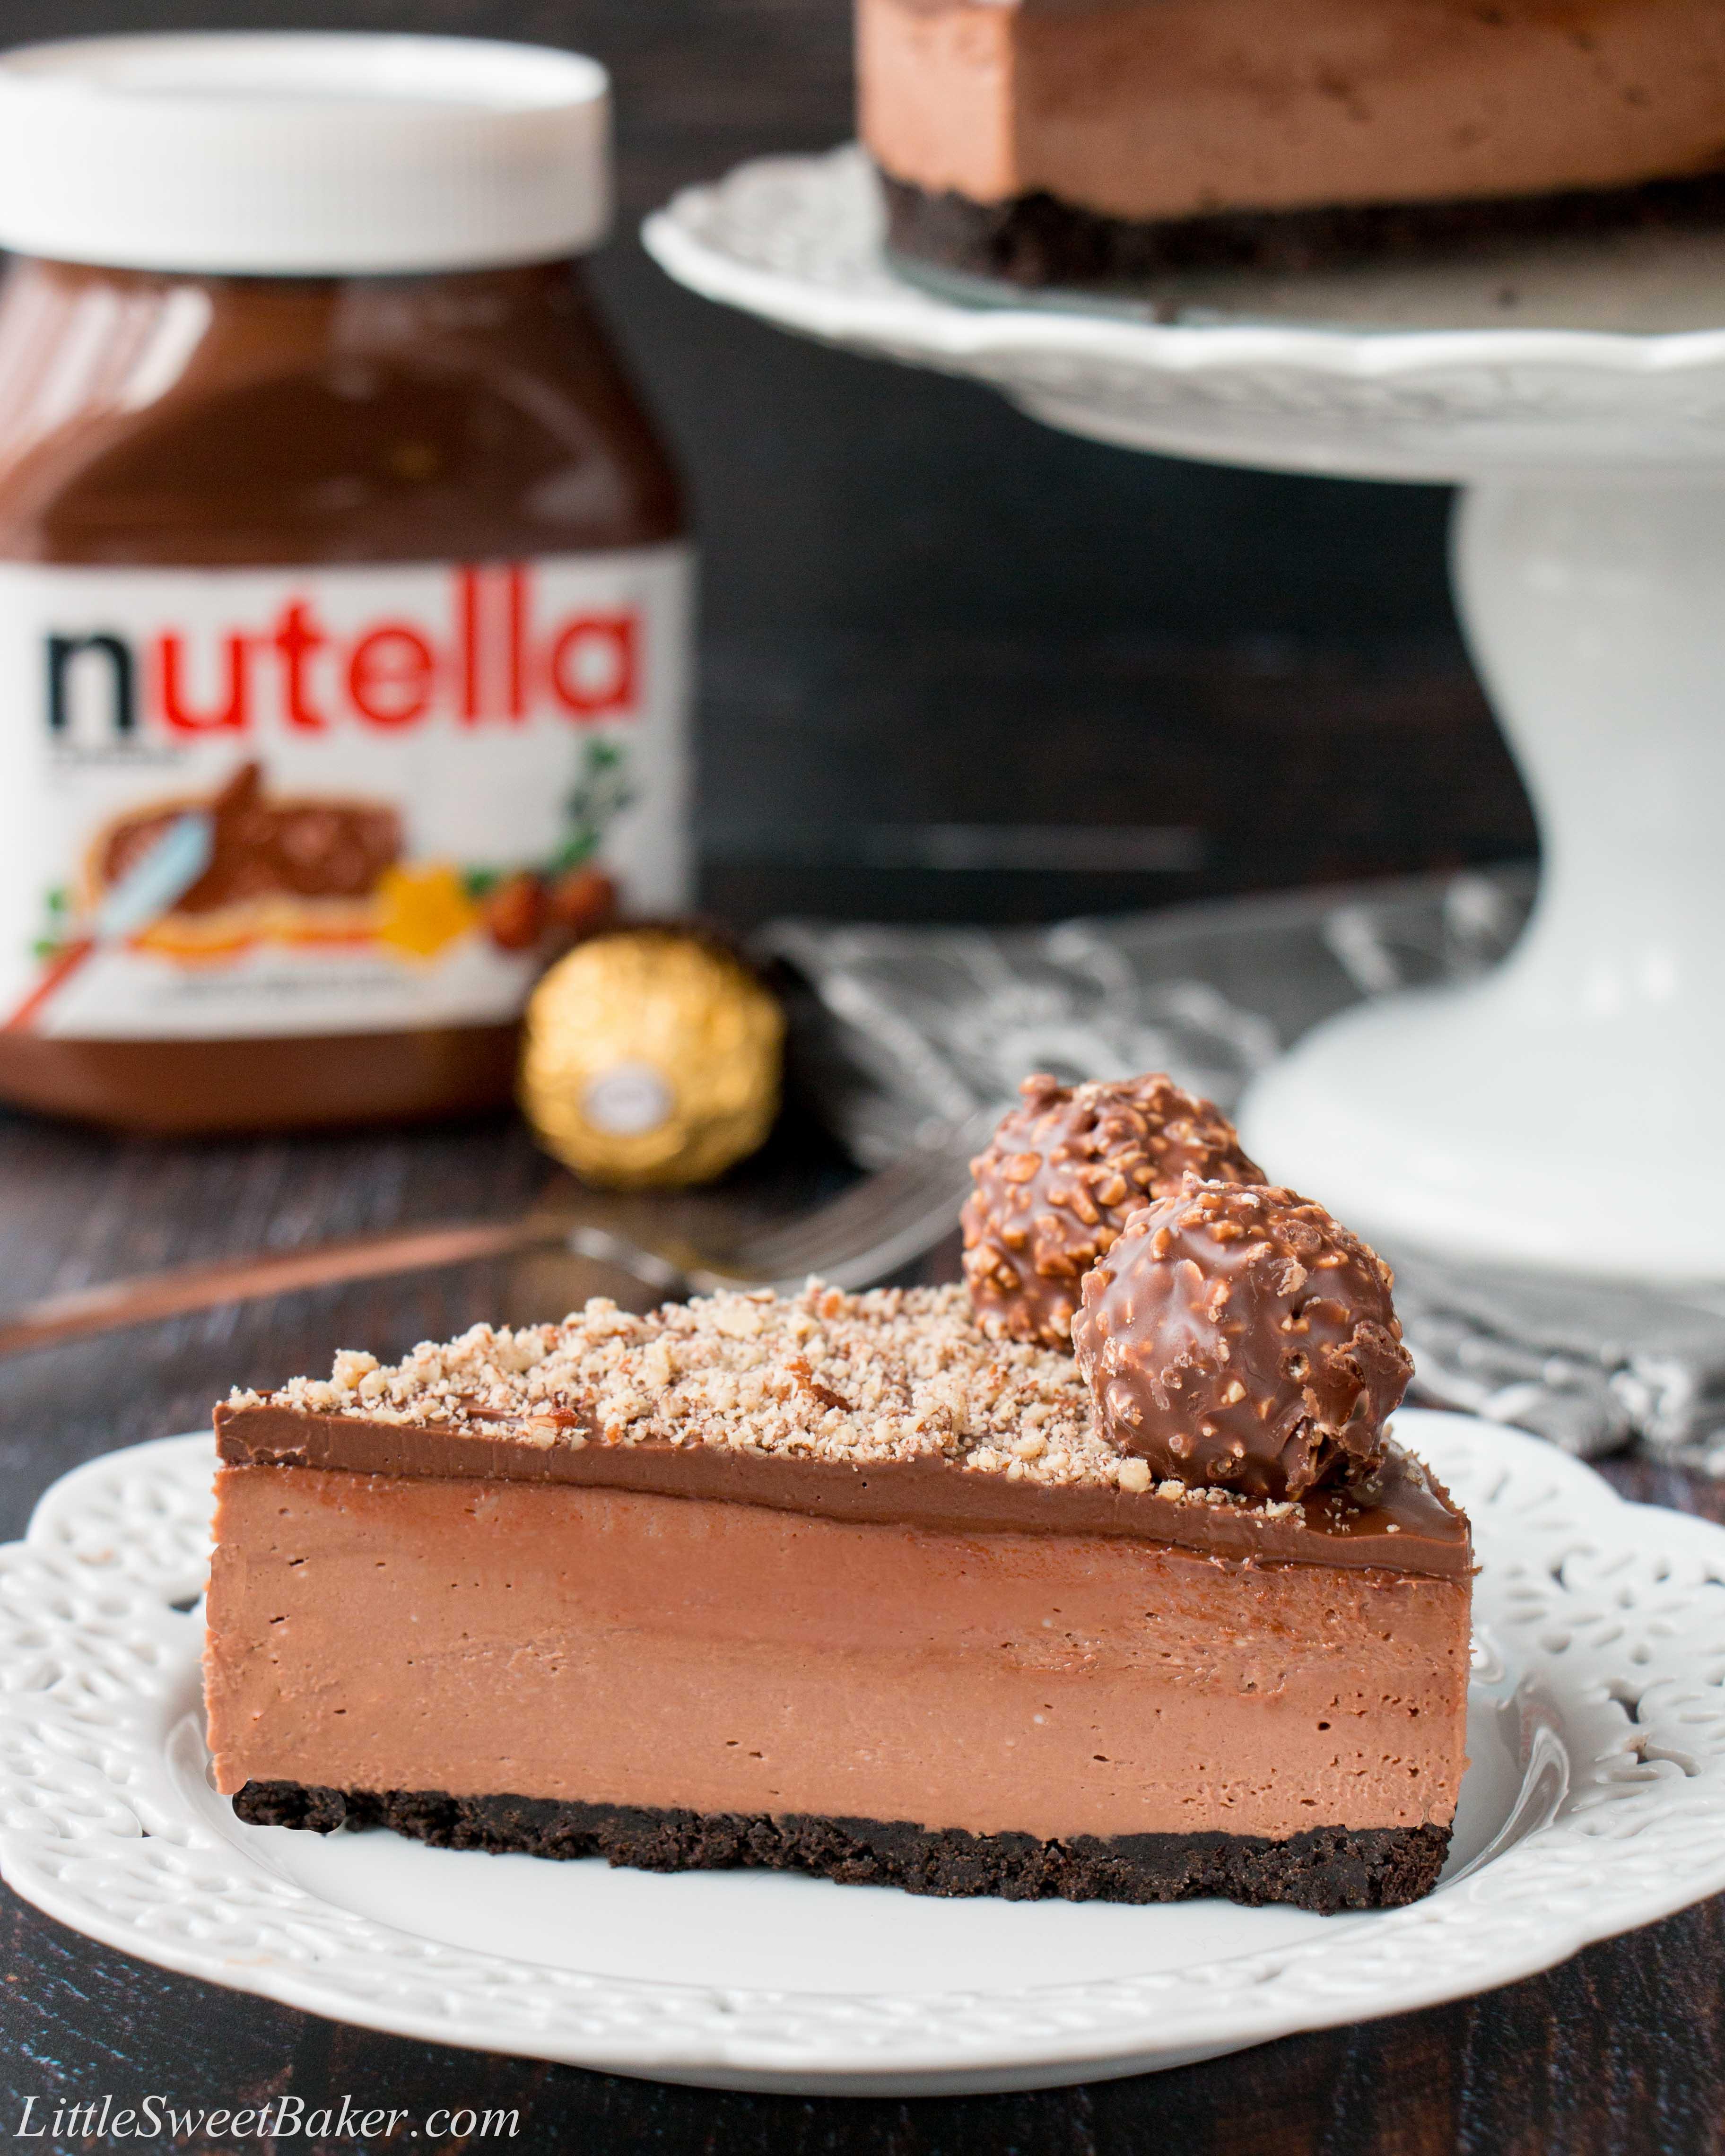 NoBake Nutella Cheesecake Little Sweet Baker